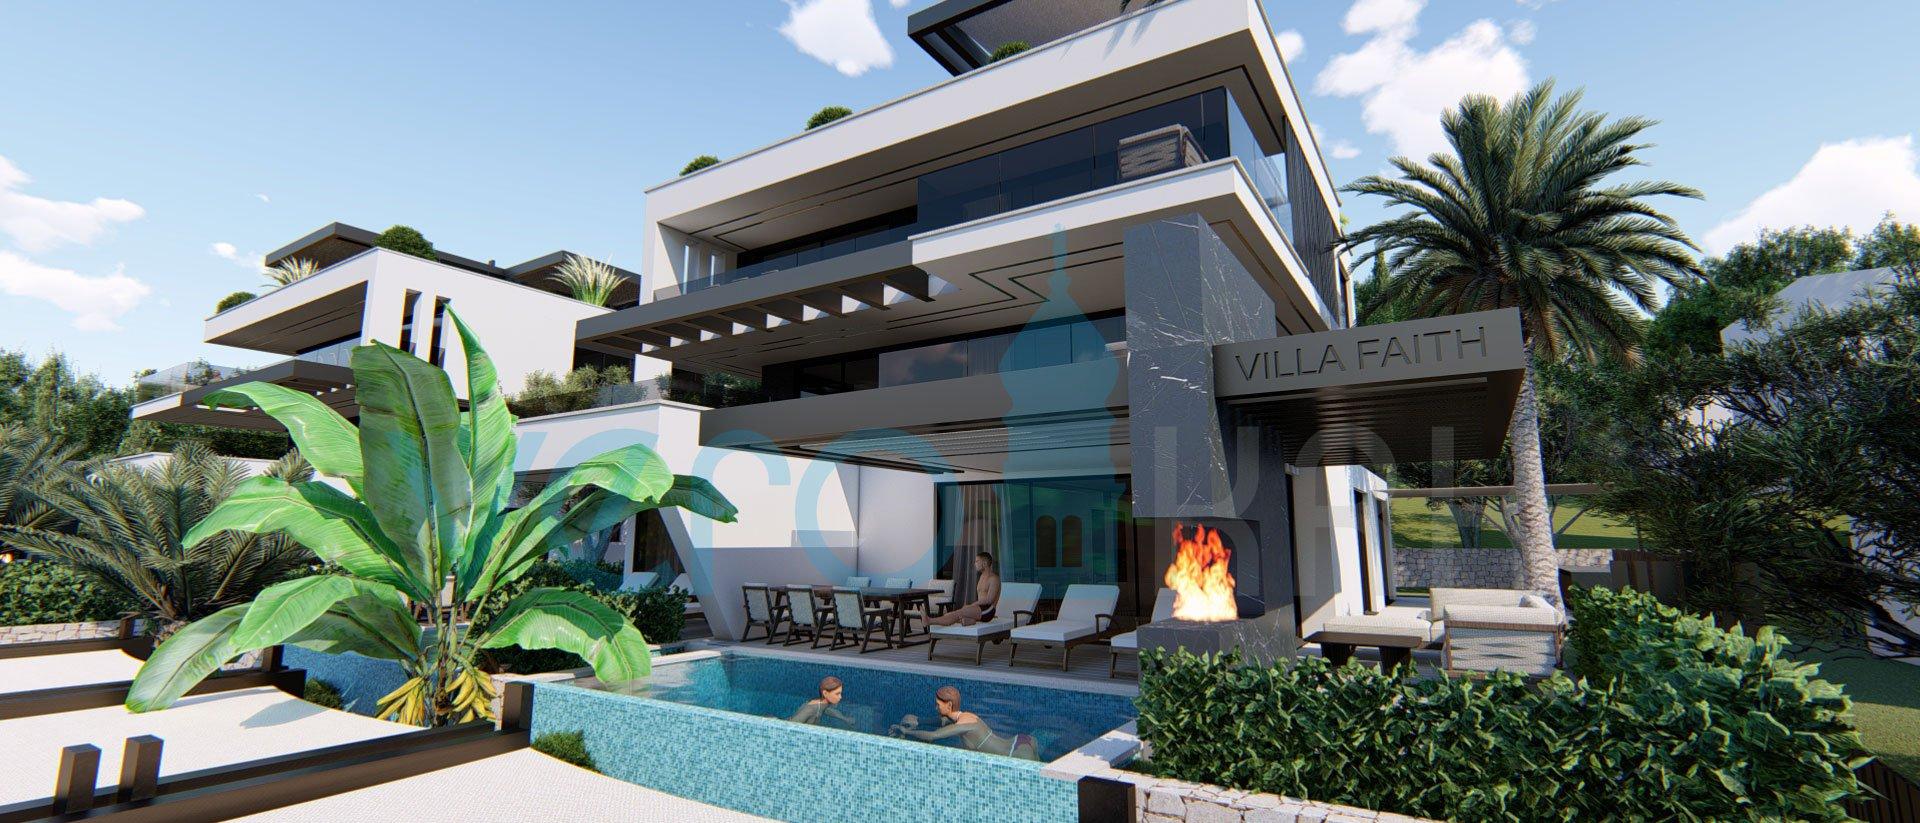 Njivice, Insel Krk, Wohnung mit Pool im Erdgeschoss einer modernen Villa